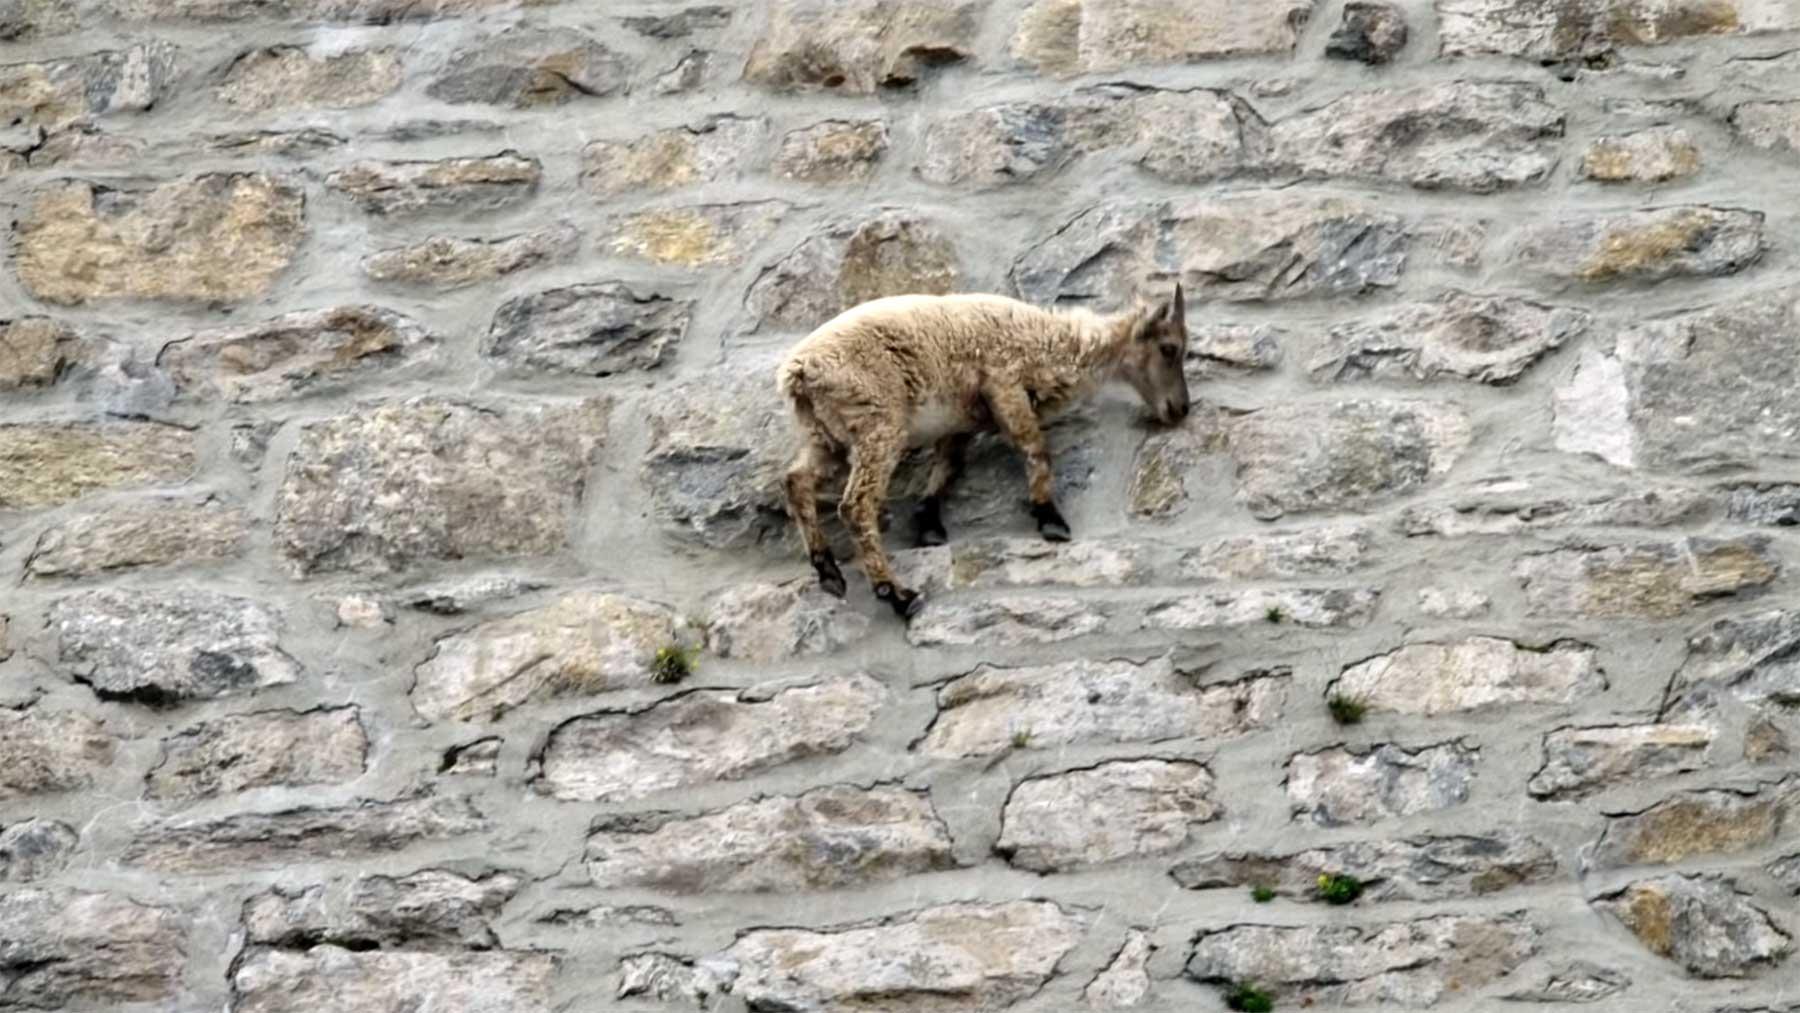 Ziegen klettern steile Damm-Wand hoch ziegen-klettern-steilwand-hoch